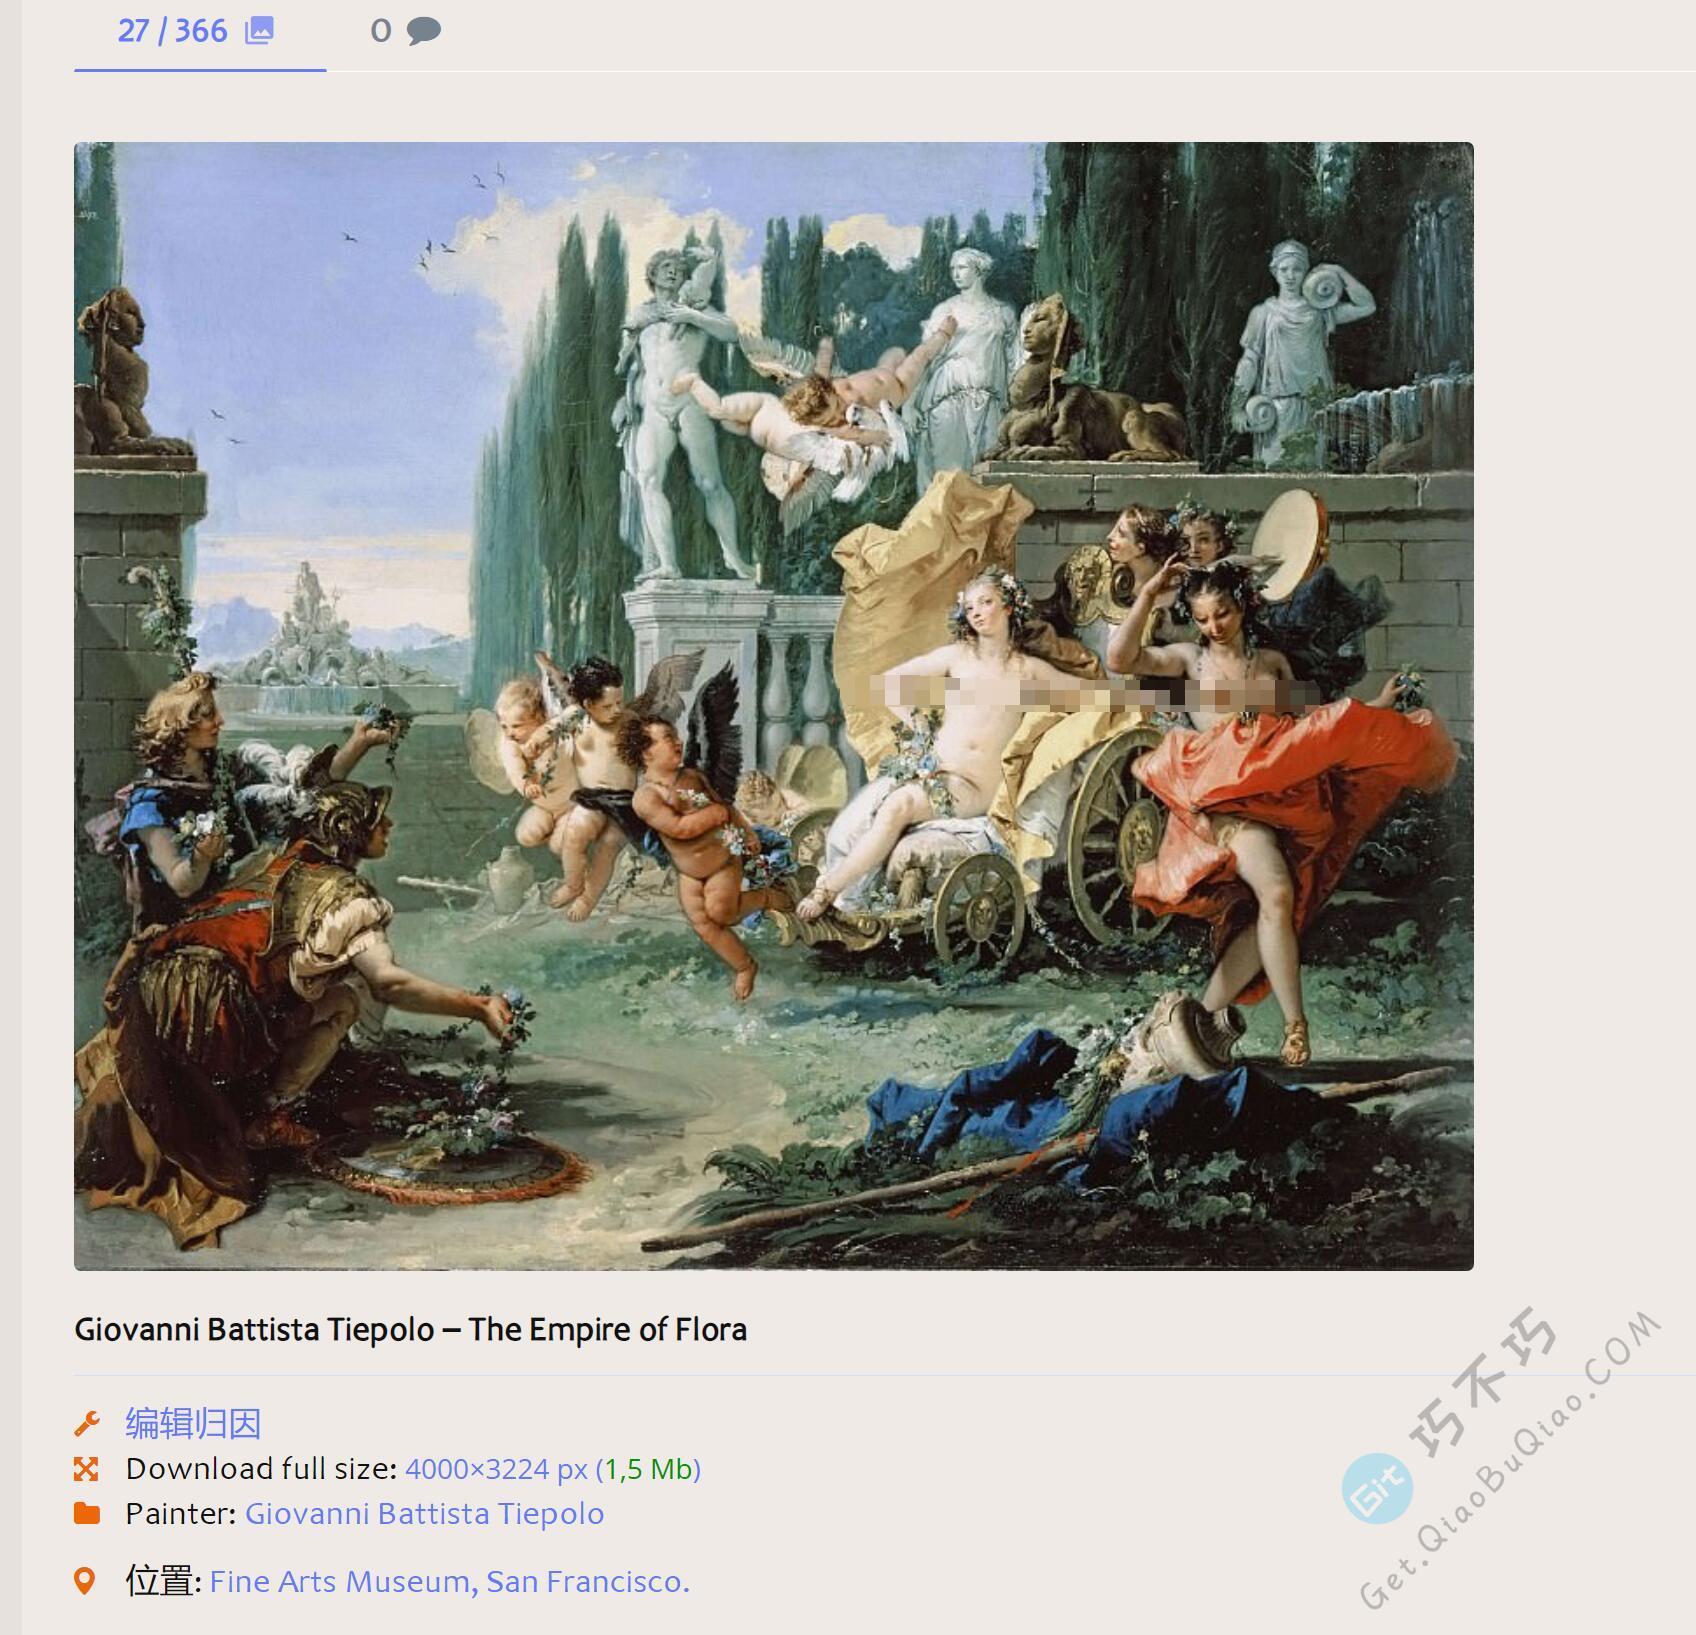 一个充满世界经典著名油画、绘画作品大全的网站平台,值得你欣赏沉浸的艺术品